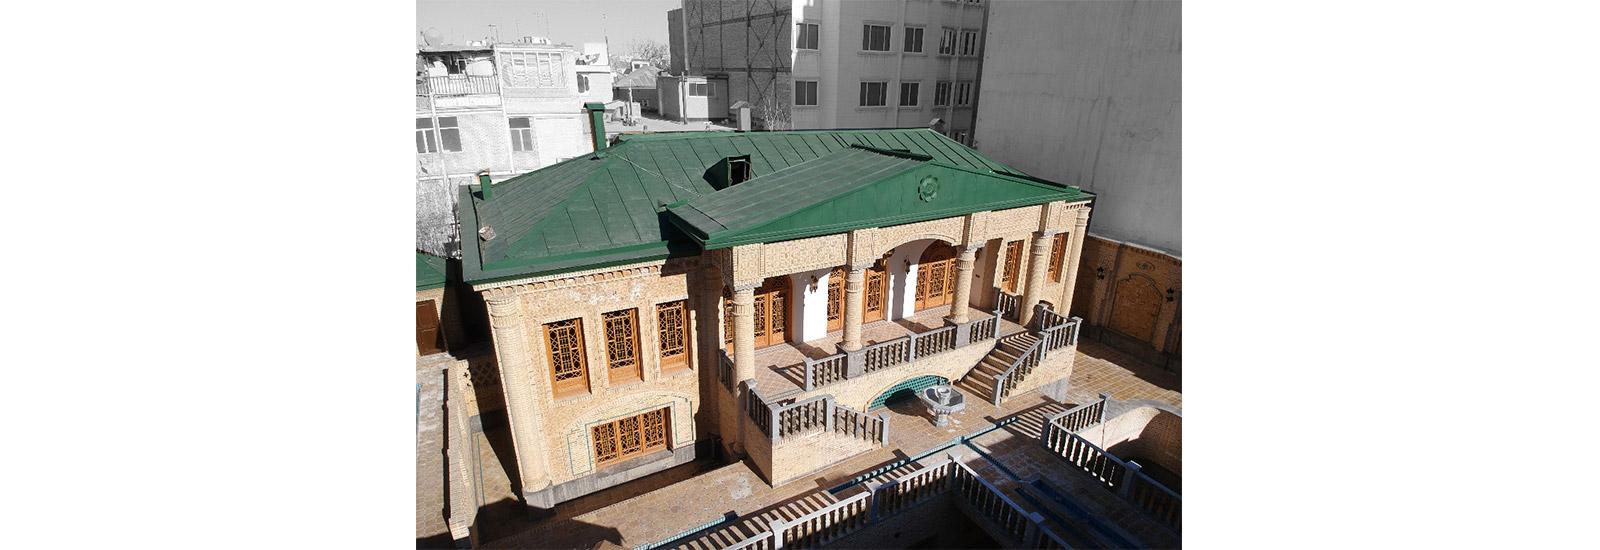 پروژه پنجره ارسی و قواره بری با شیشه رنگی مشهد ایران